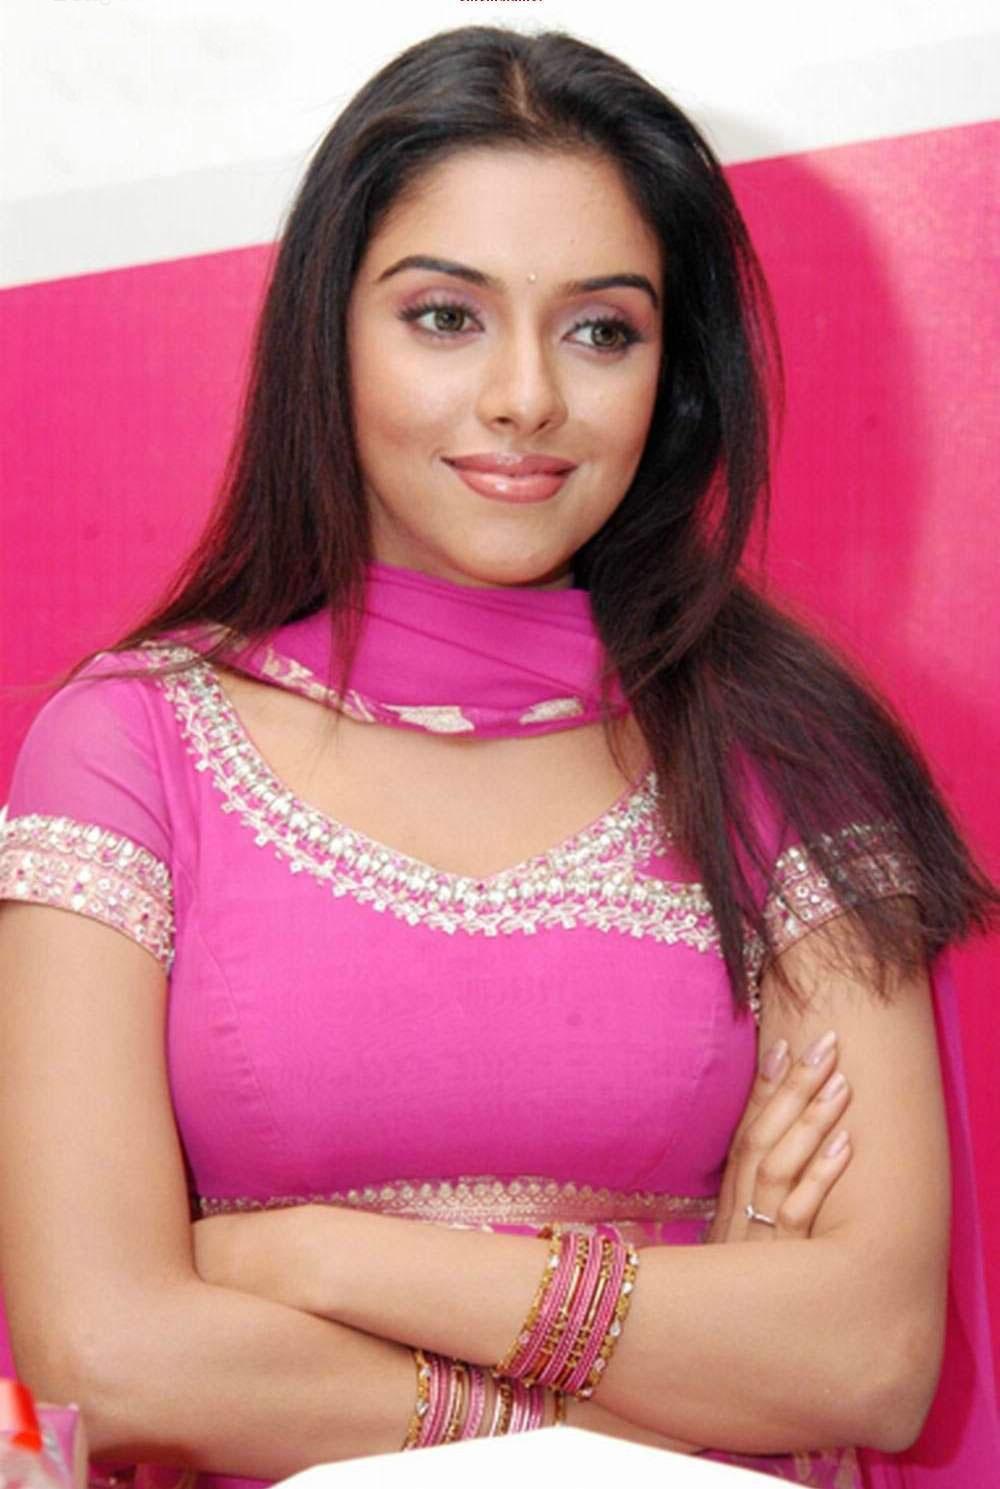 Salman Khan 3d Wallpaper Asin Hot Hd Wallpapers Hd Wallpaper